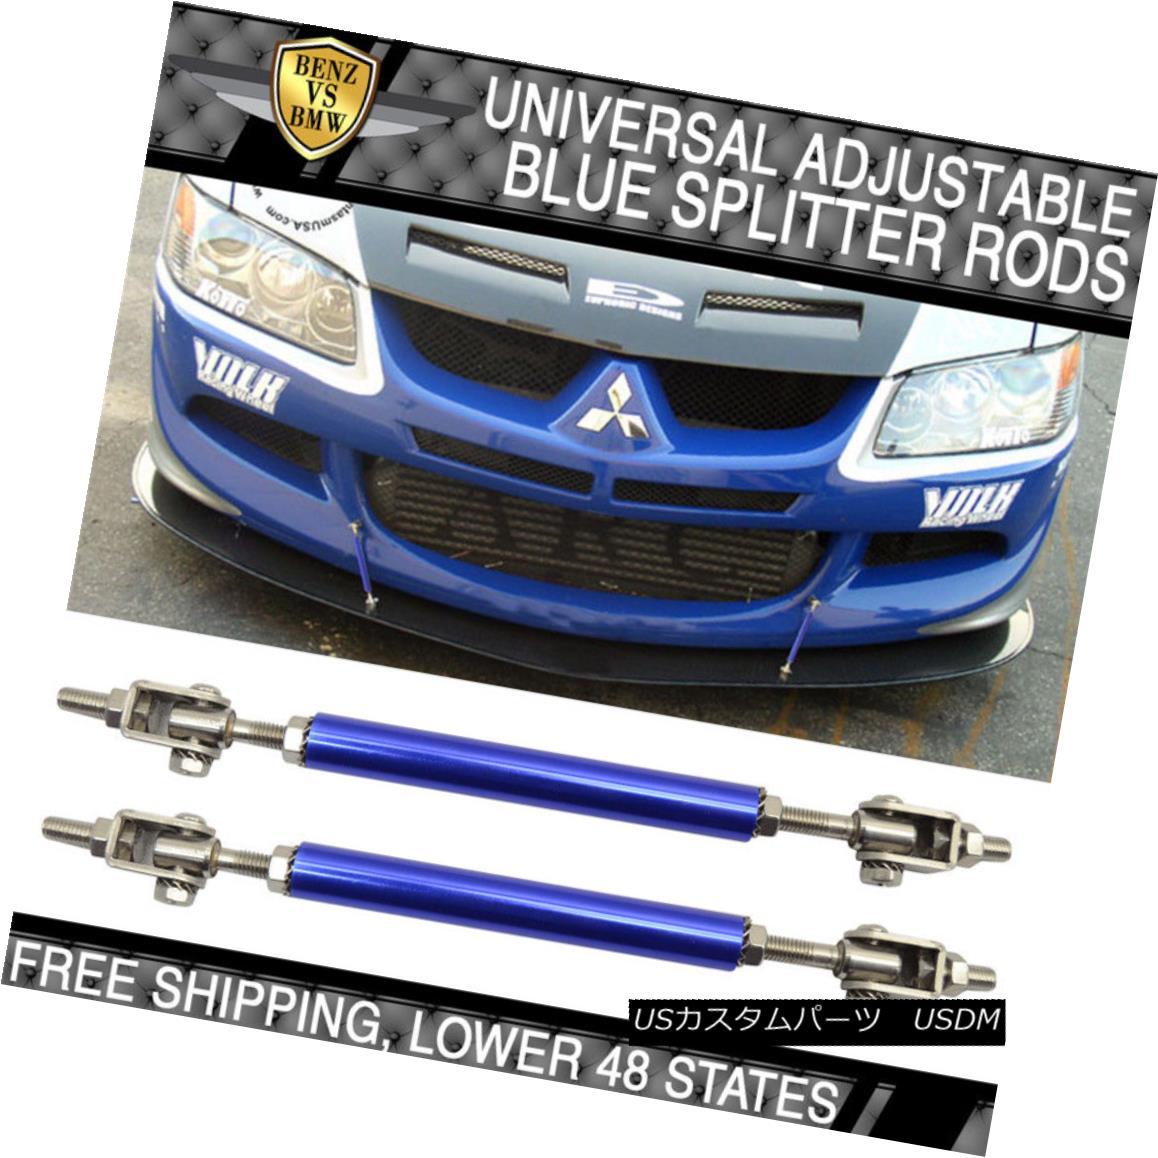 エアロパーツ Blue Front Rear Frame Bumper Protector Rod Splitter Strut Tie Bars 140mm-200mm ブルーフロントリアフレームバンパープロテクターロッドスプリッターストラットタイバー140mm?200mm